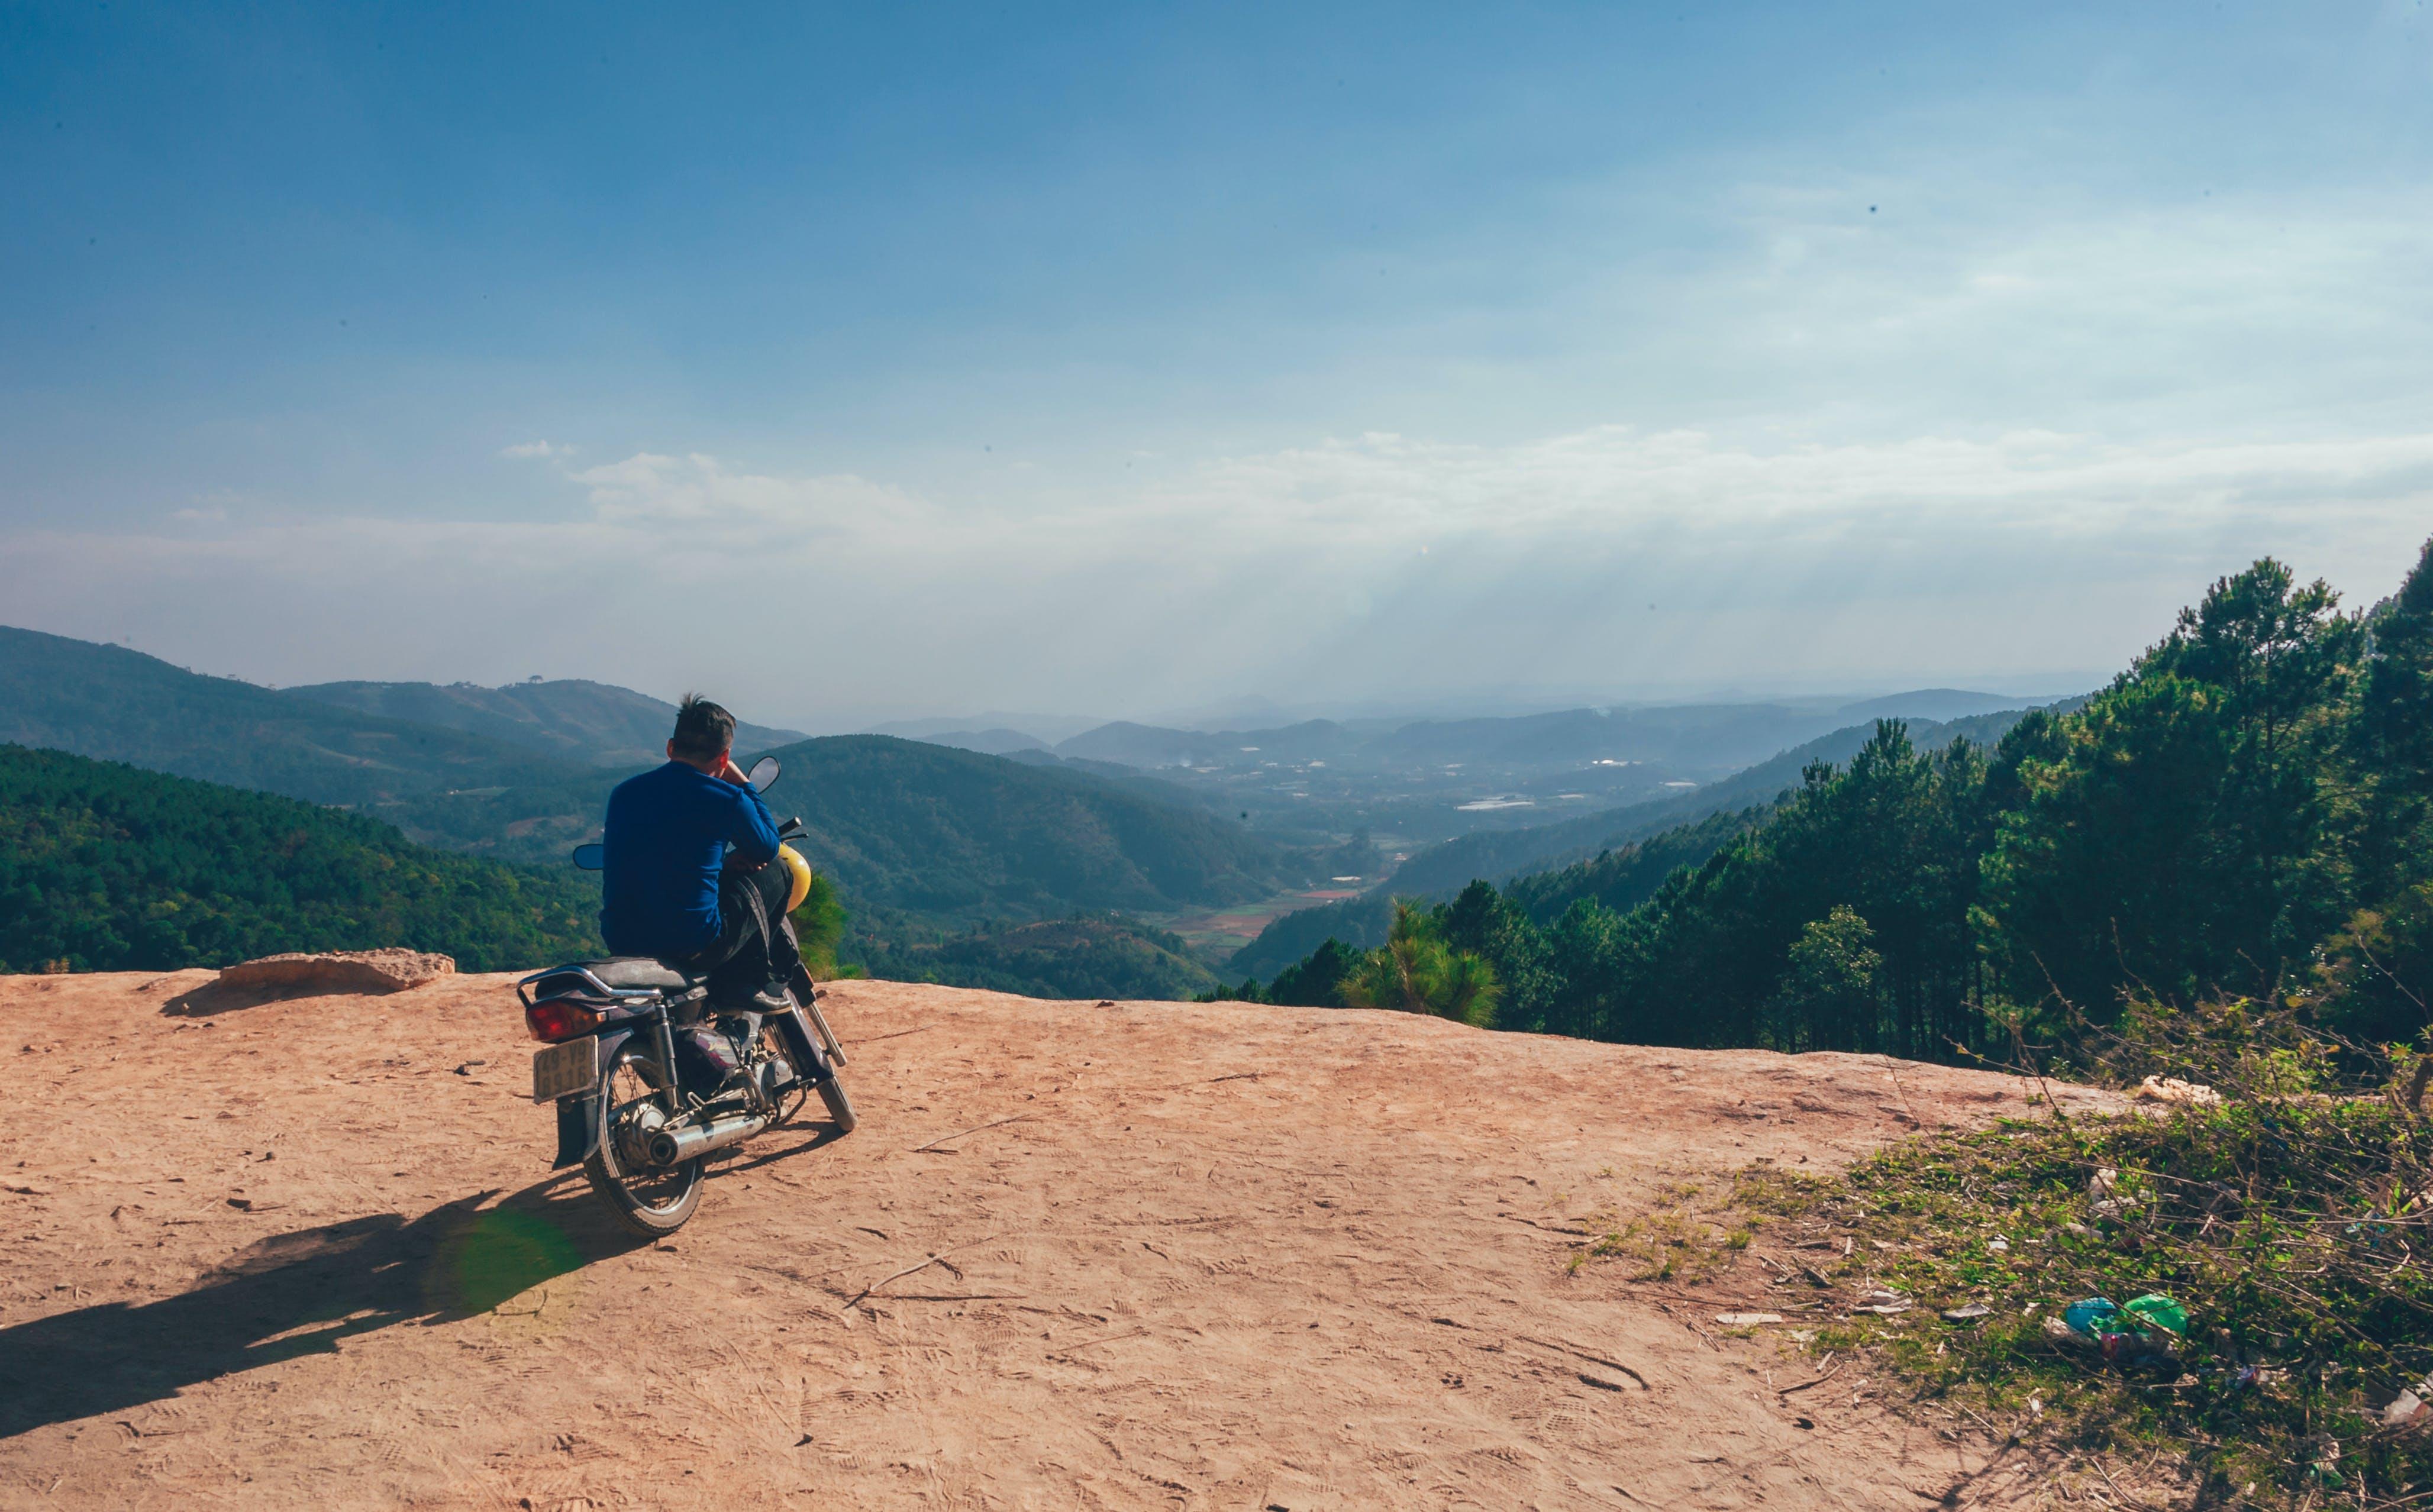 Man Sitting On Motorcycle Facing Mountains